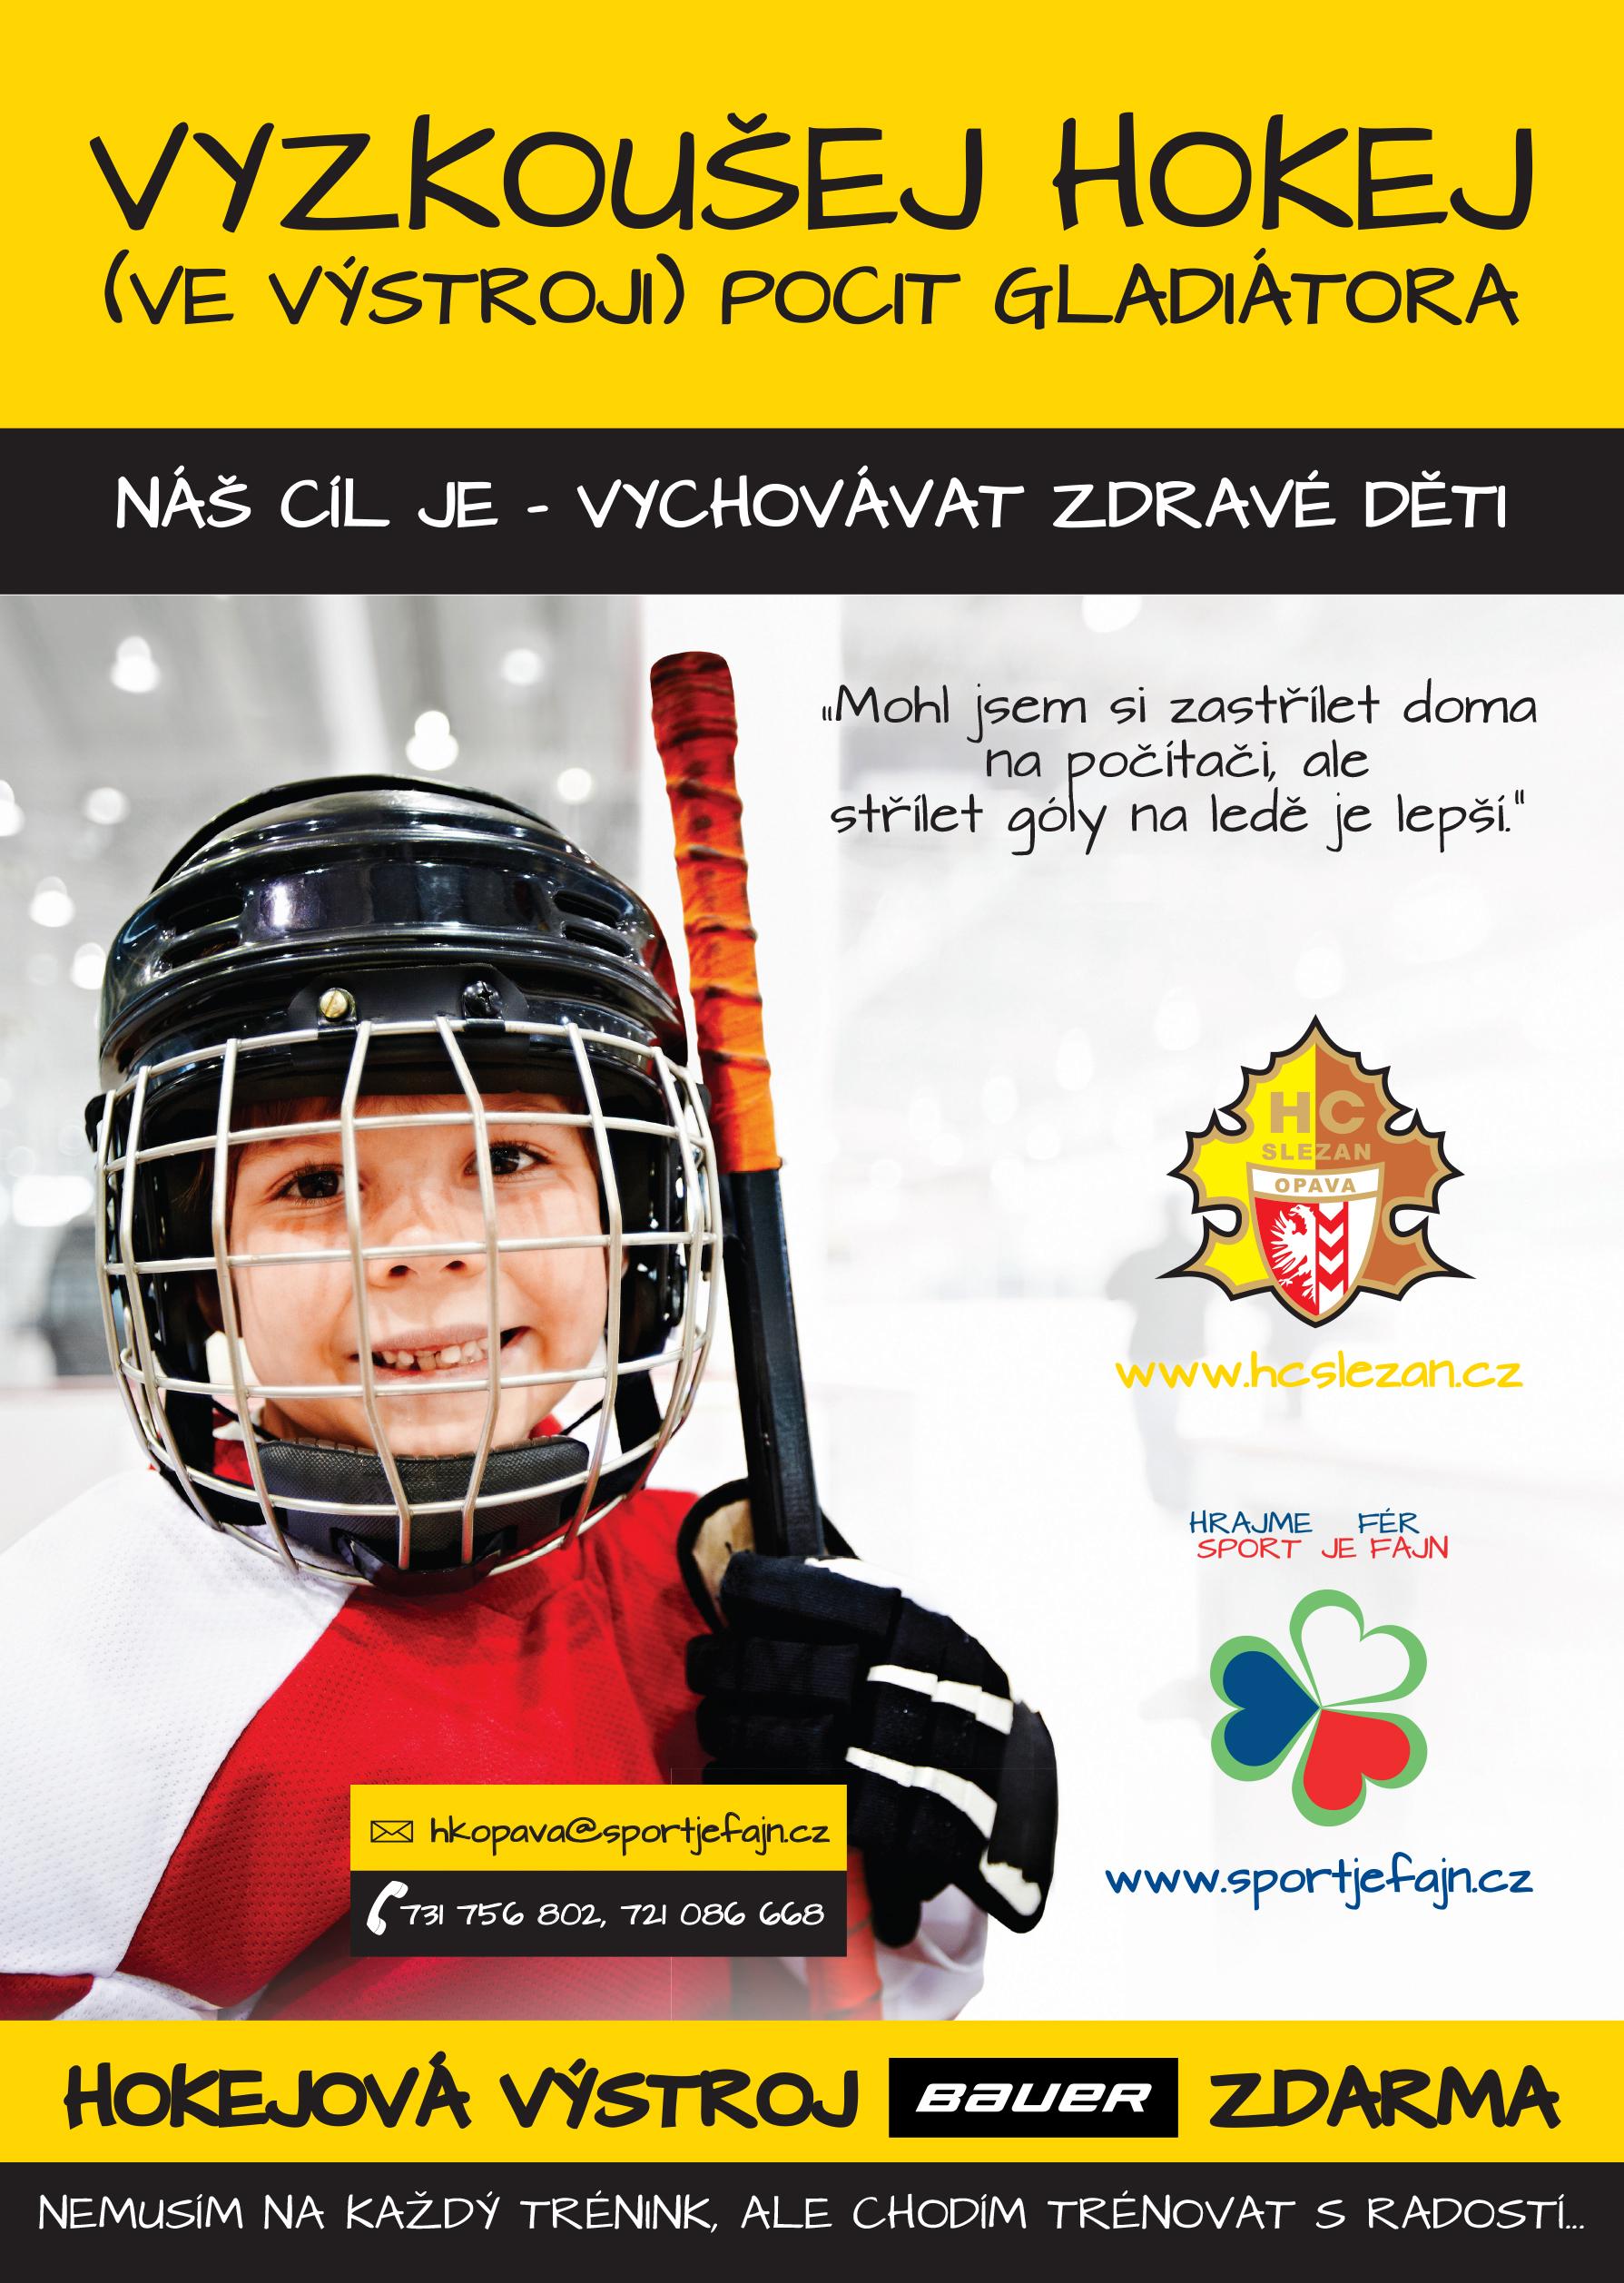 Vyzkousej hokej Slezan Opava